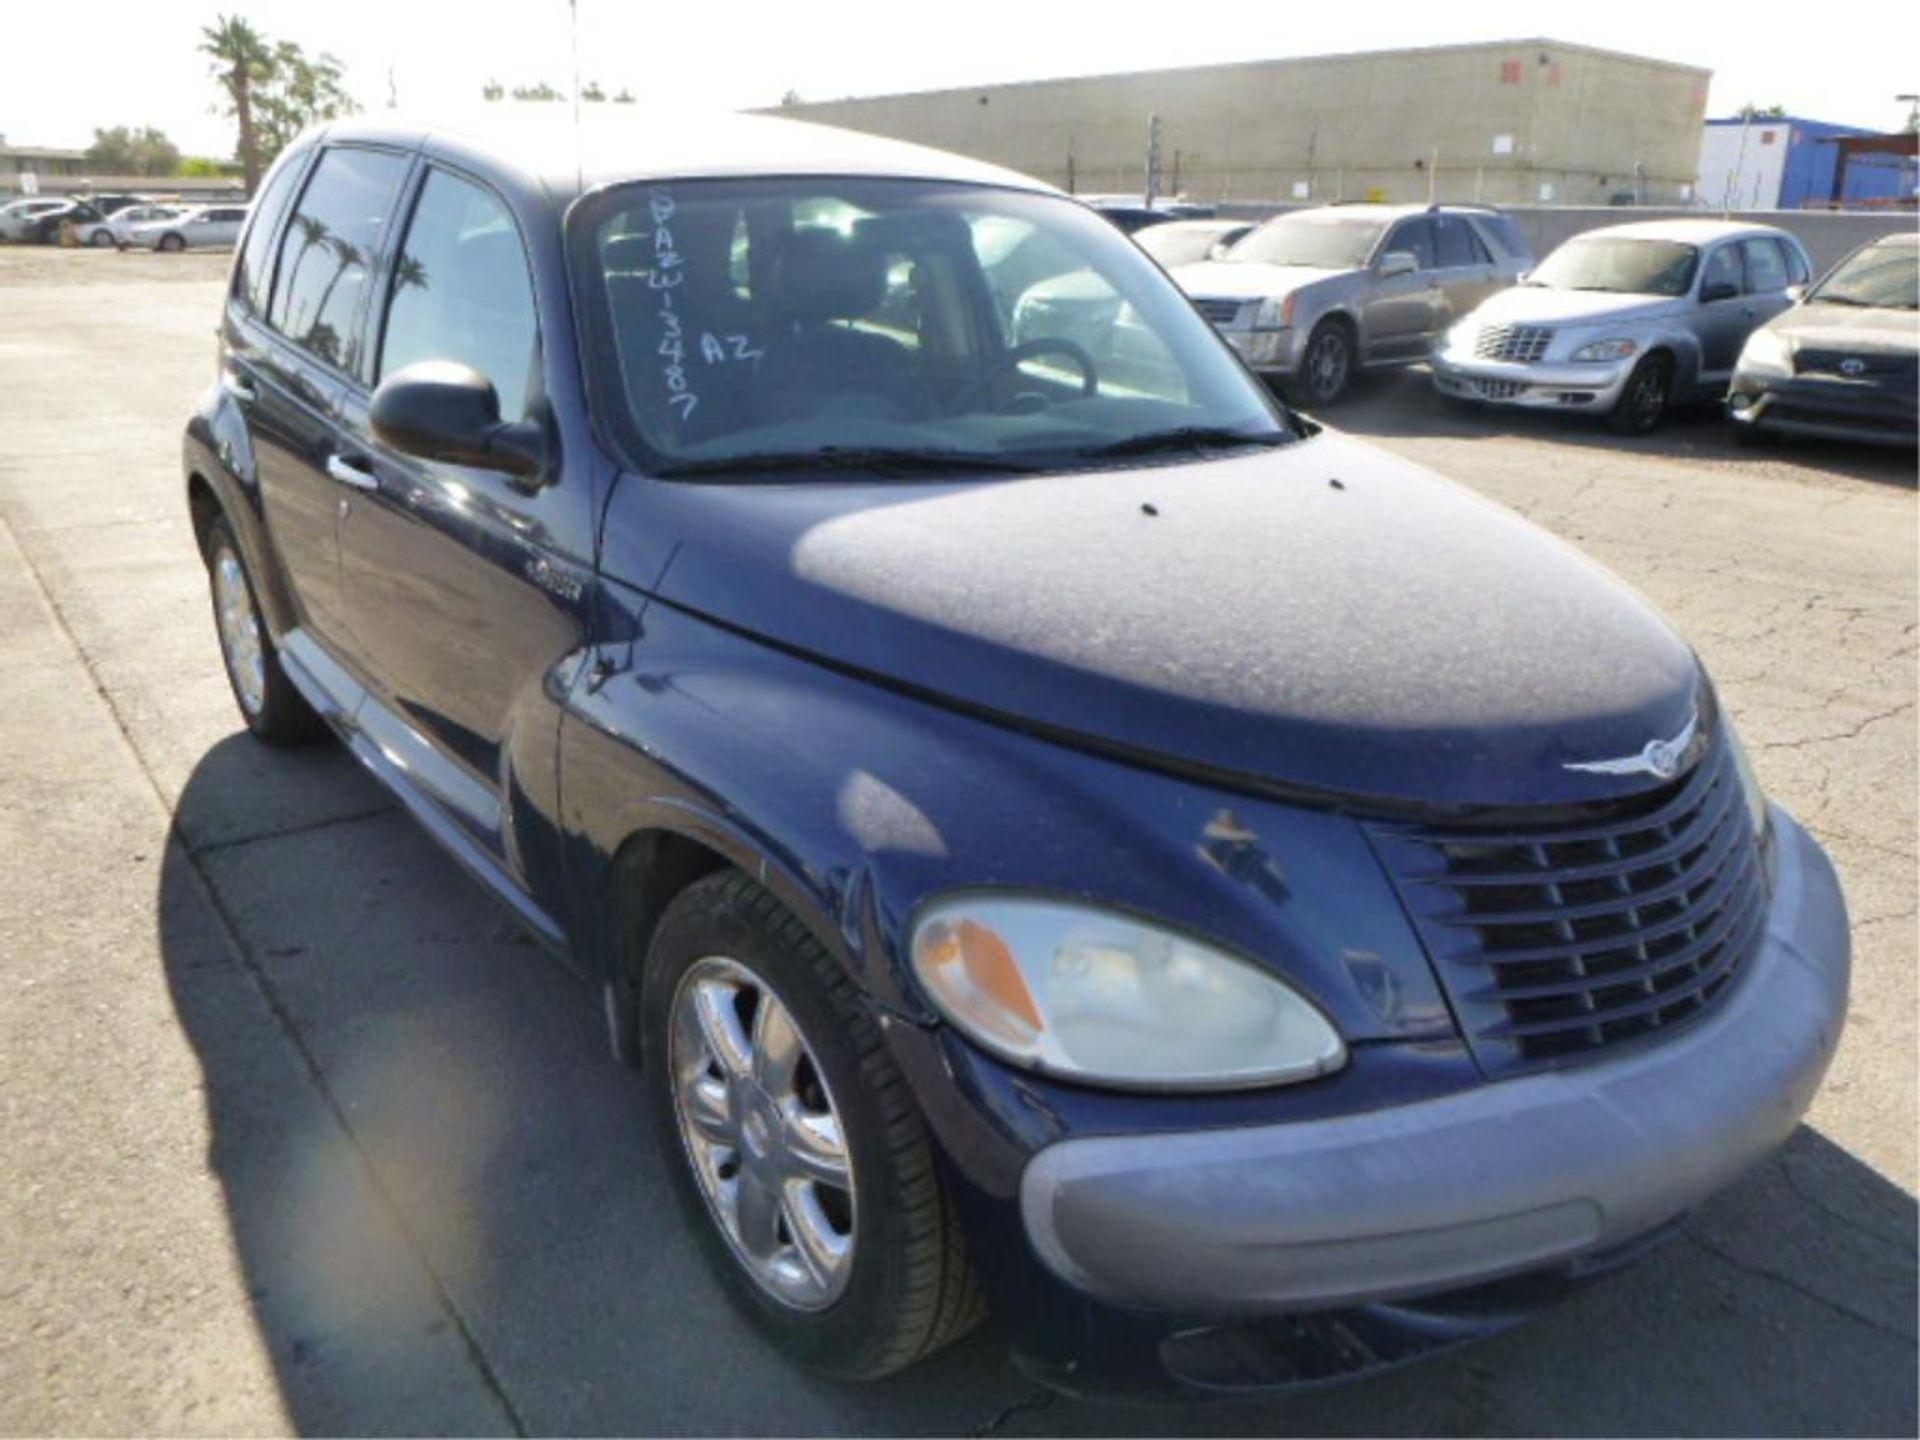 2002 Chrysler PT Cruiser - Image 2 of 14